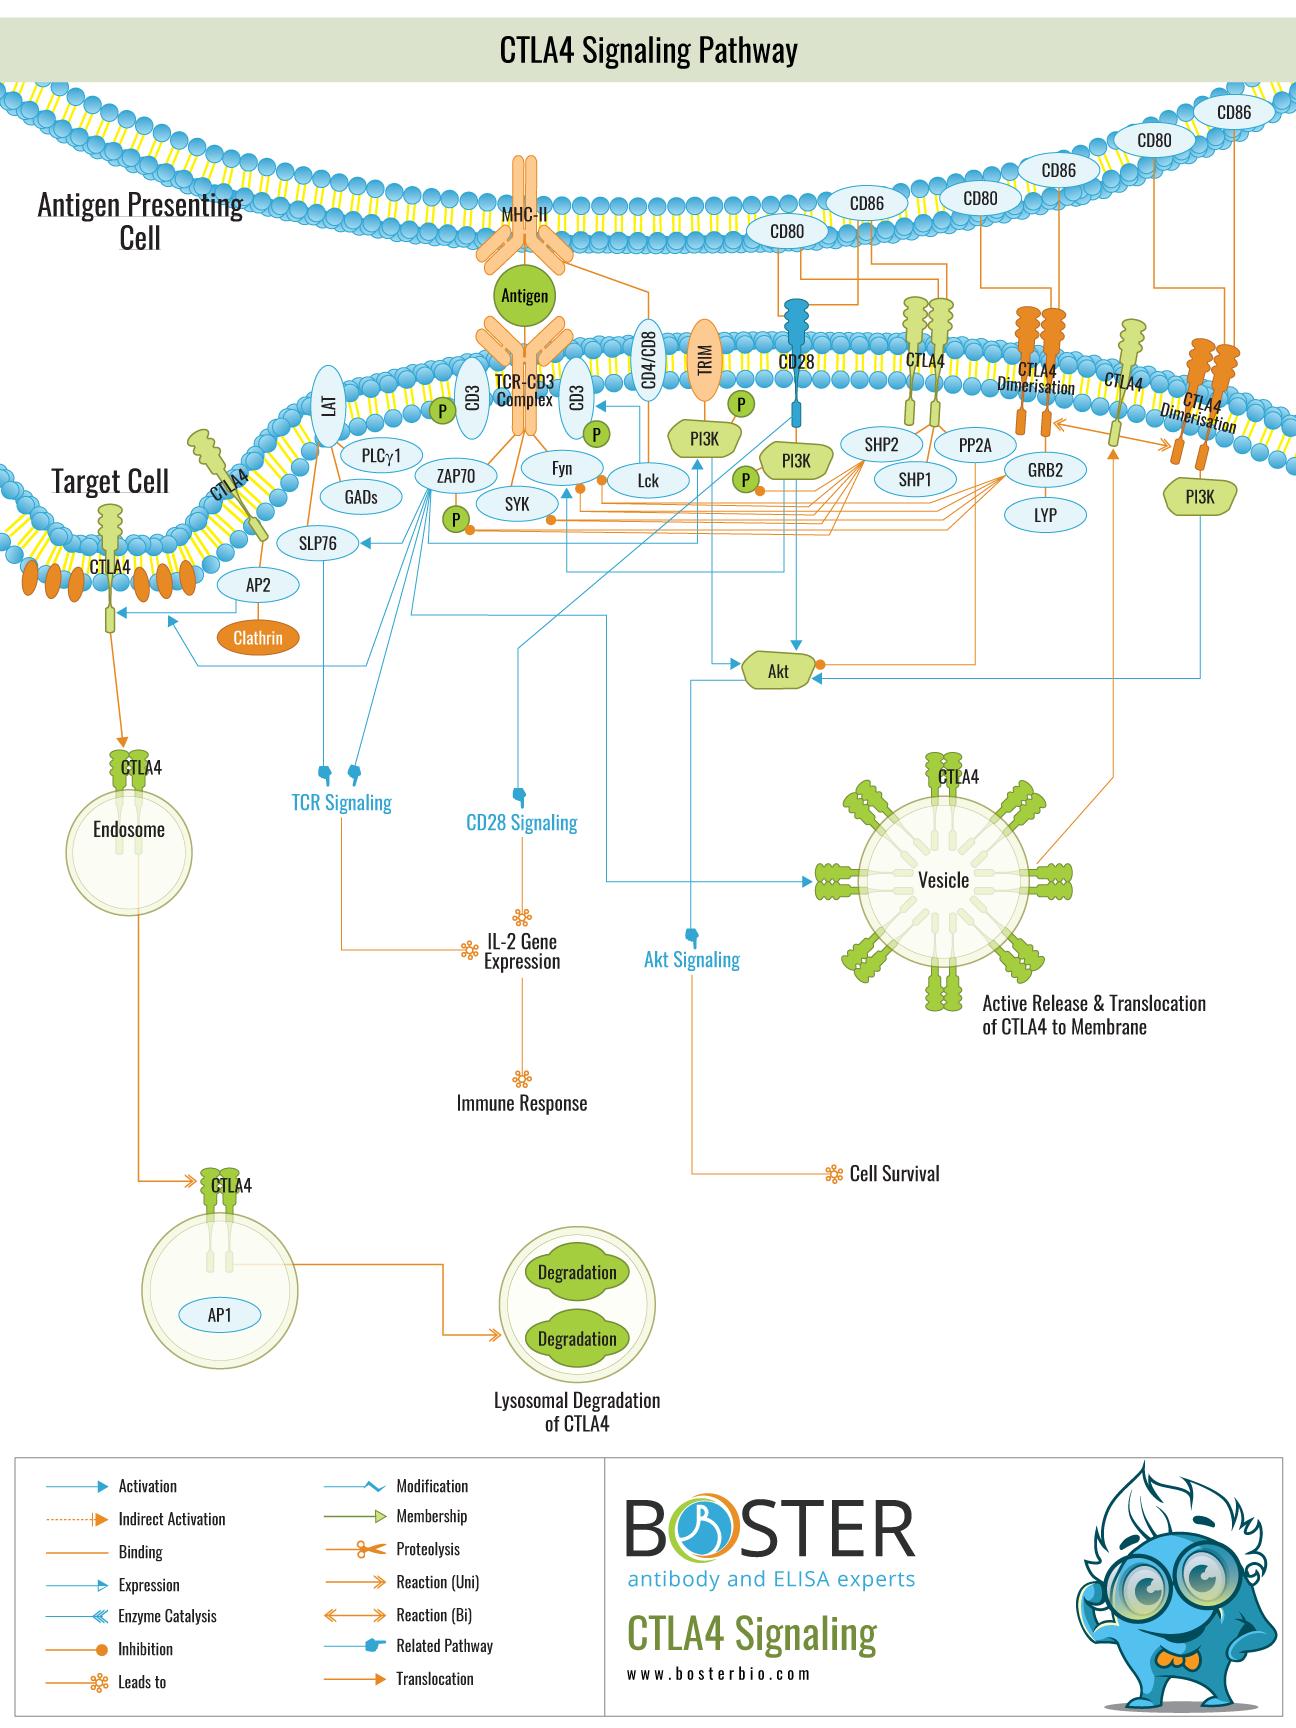 CTLA4 Signaling Pathway